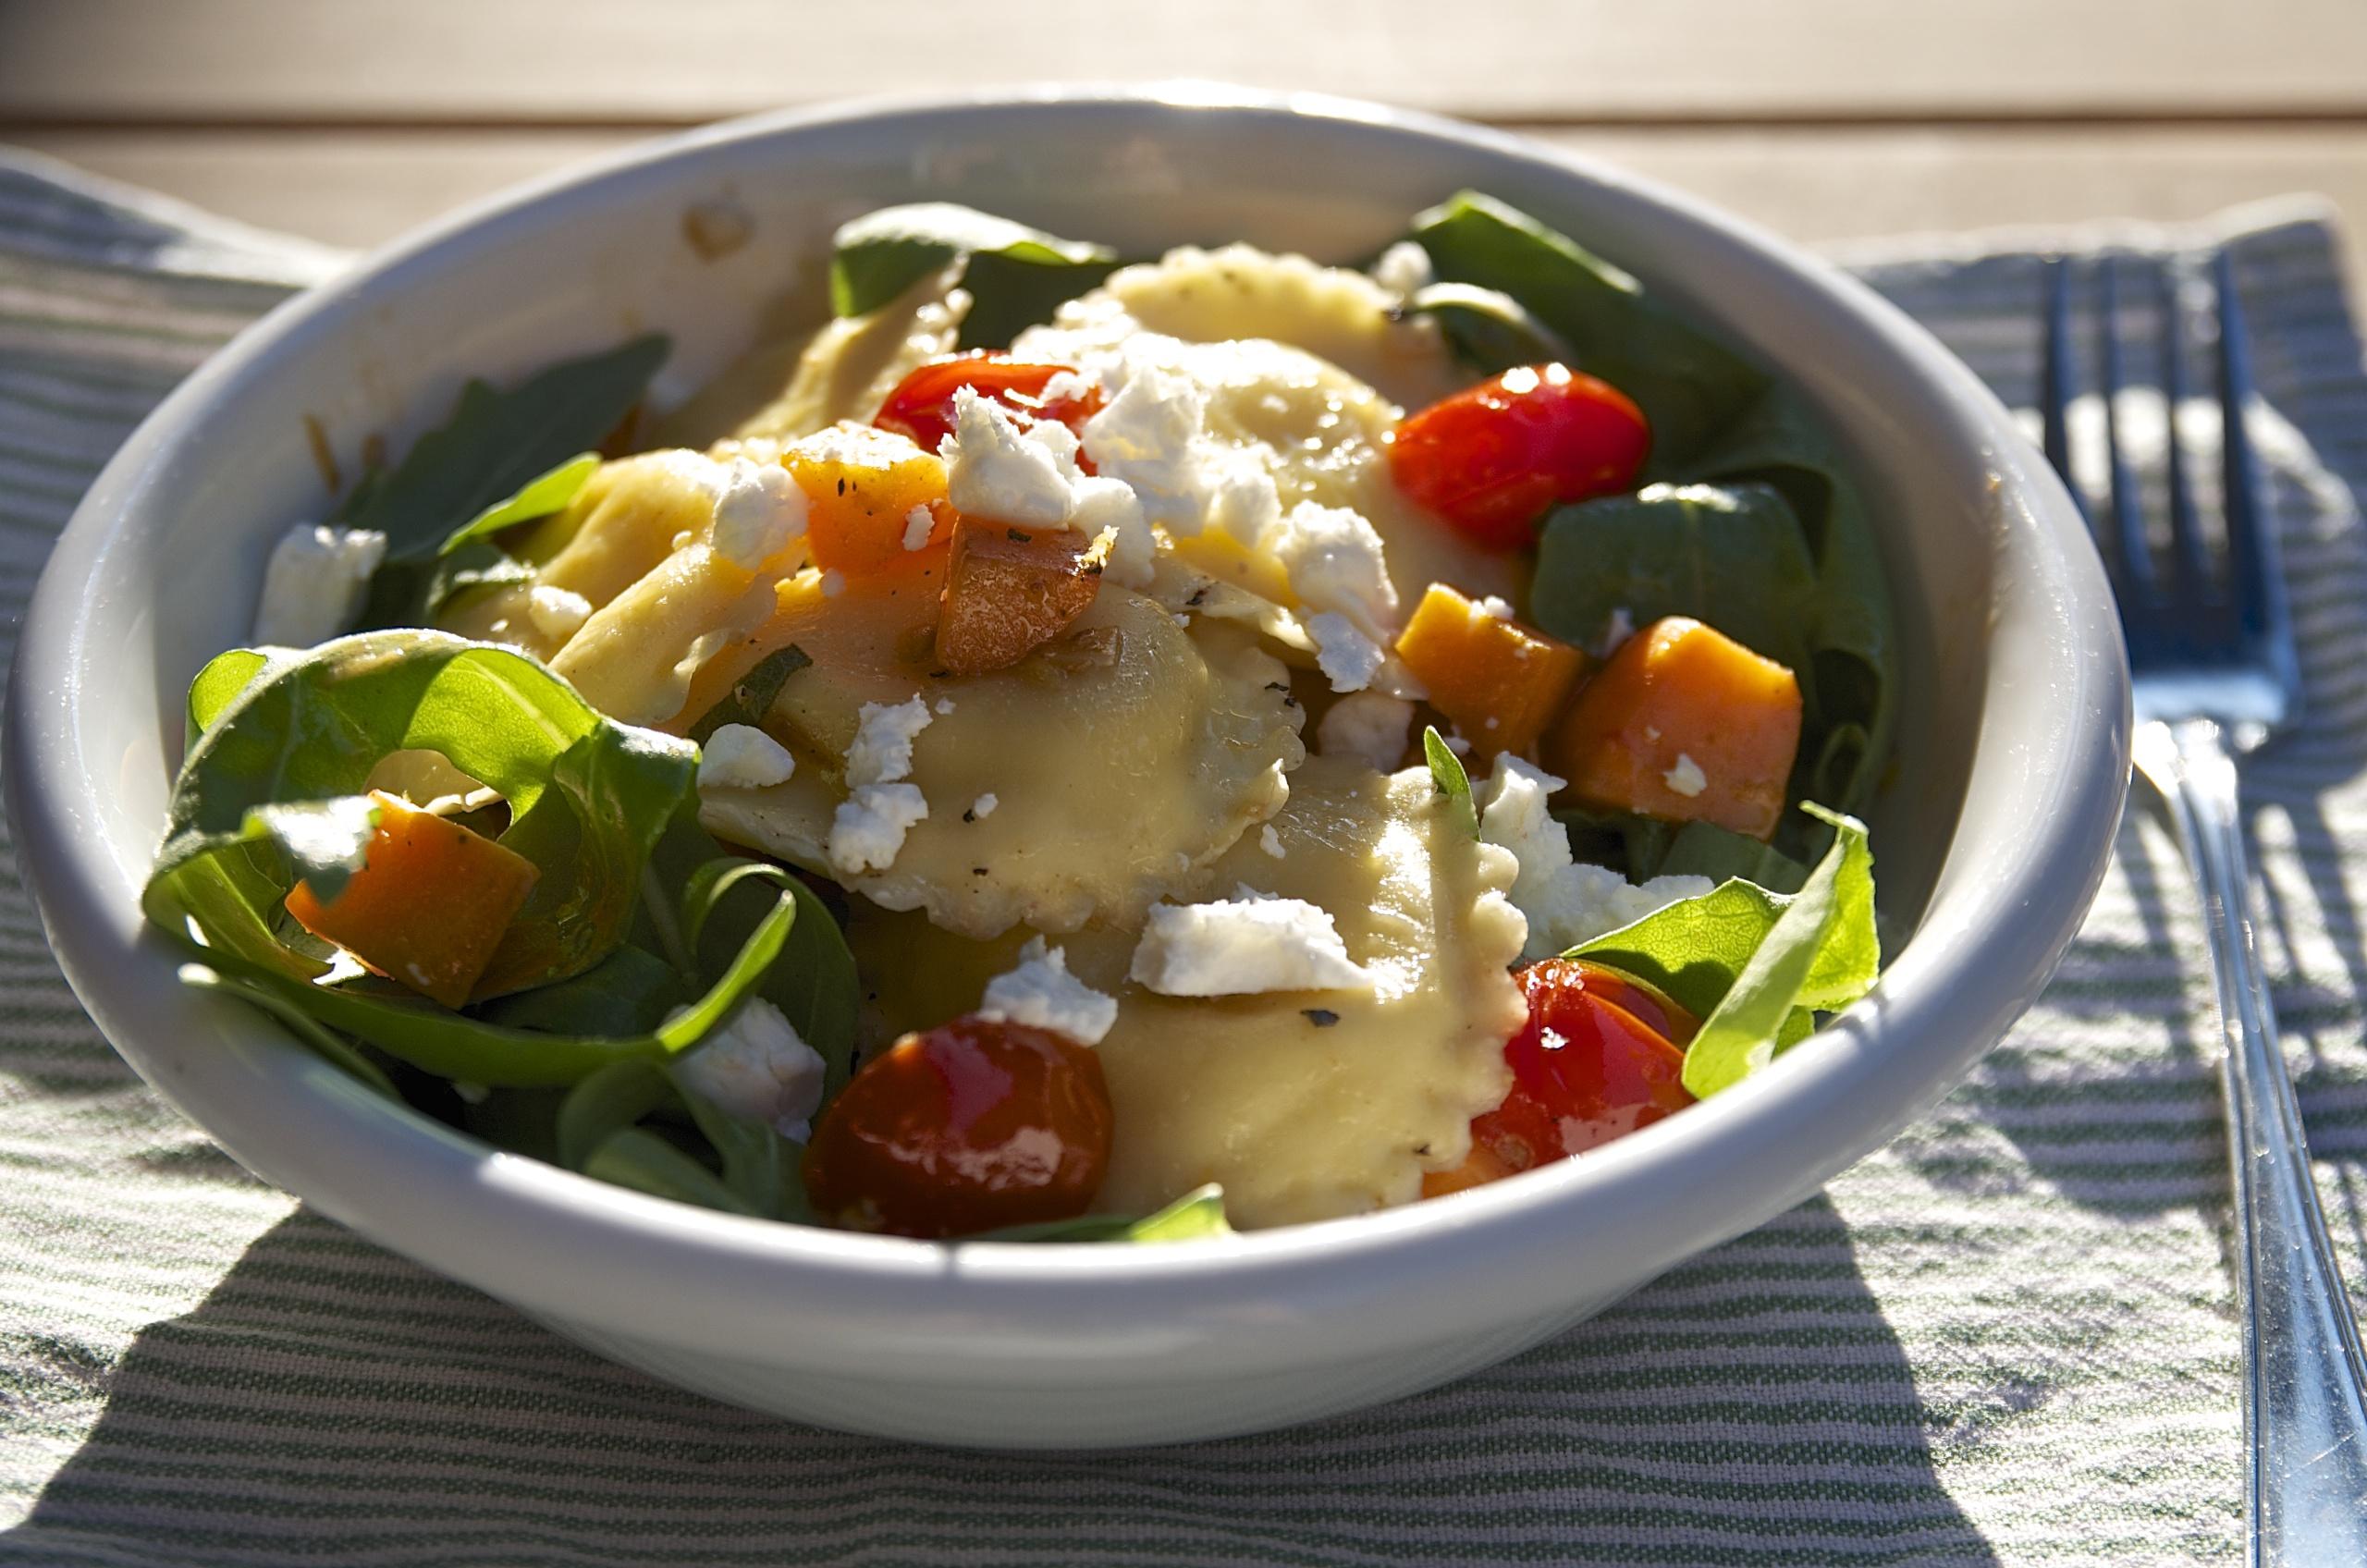 Ravioli mit Süßkartoffeln, Tomaten und Rucola